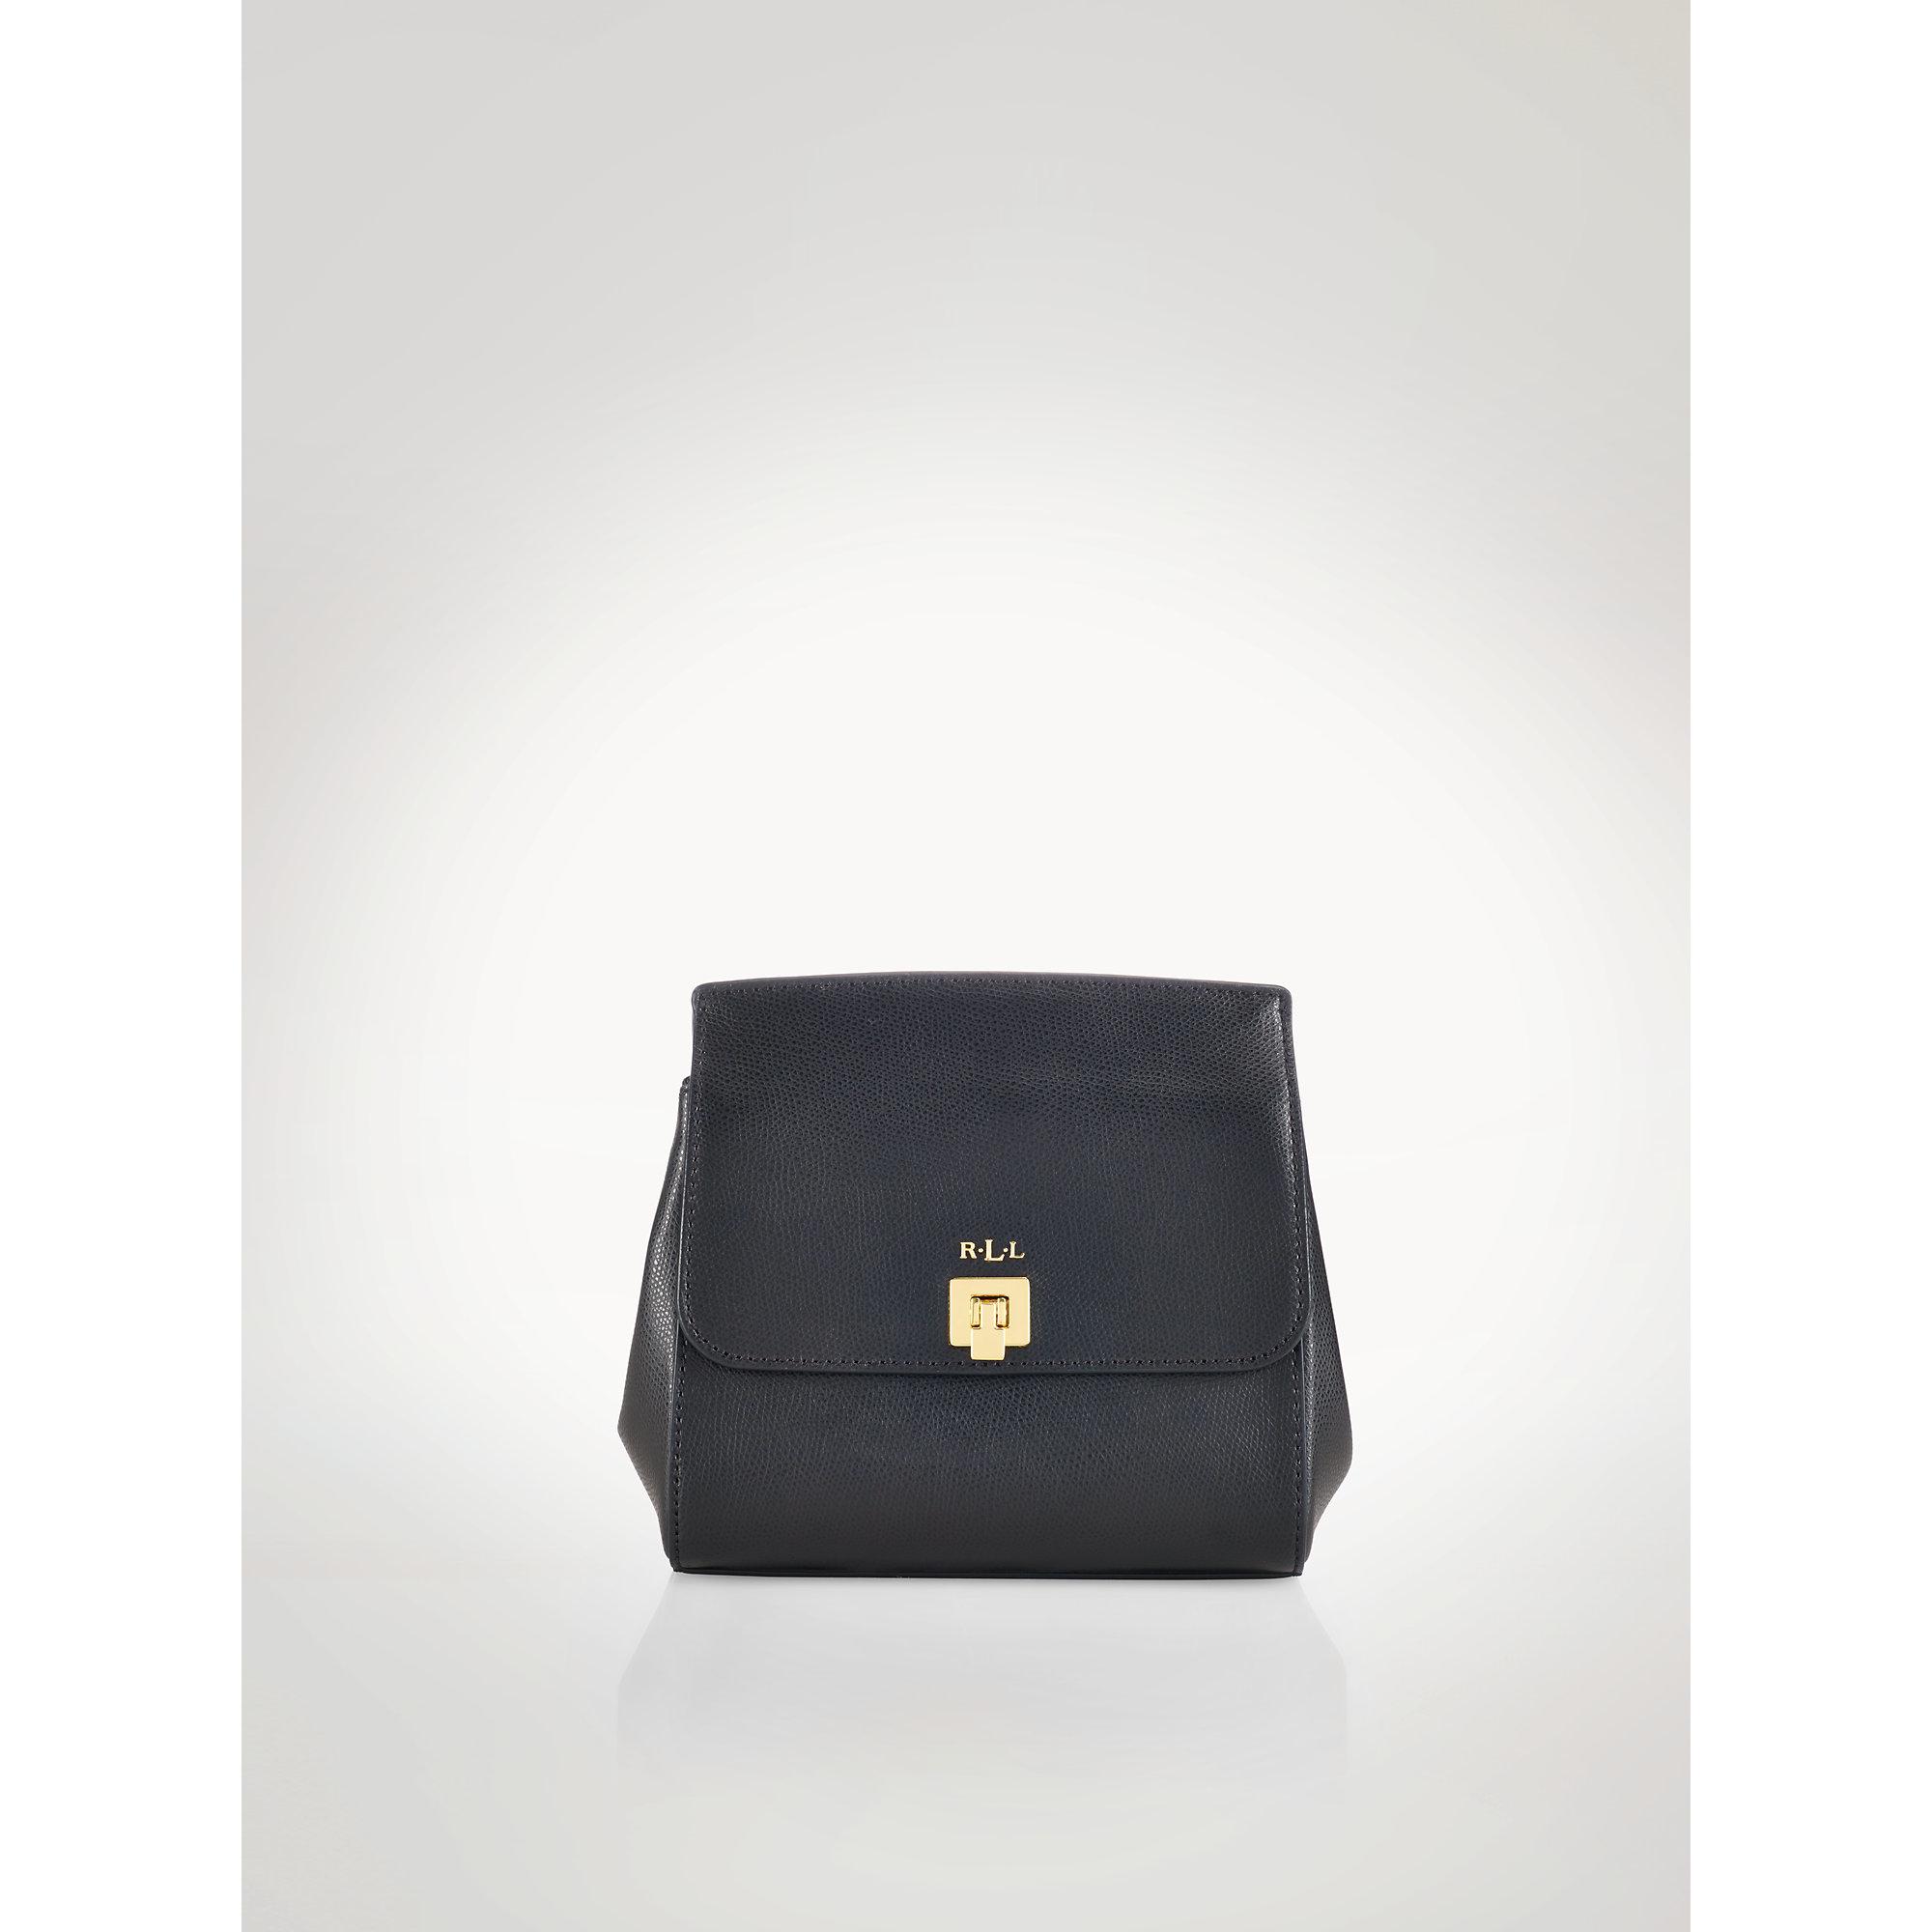 Lyst - Ralph Lauren Whitby Leather Cross-body Bag in Black c15d7a92de